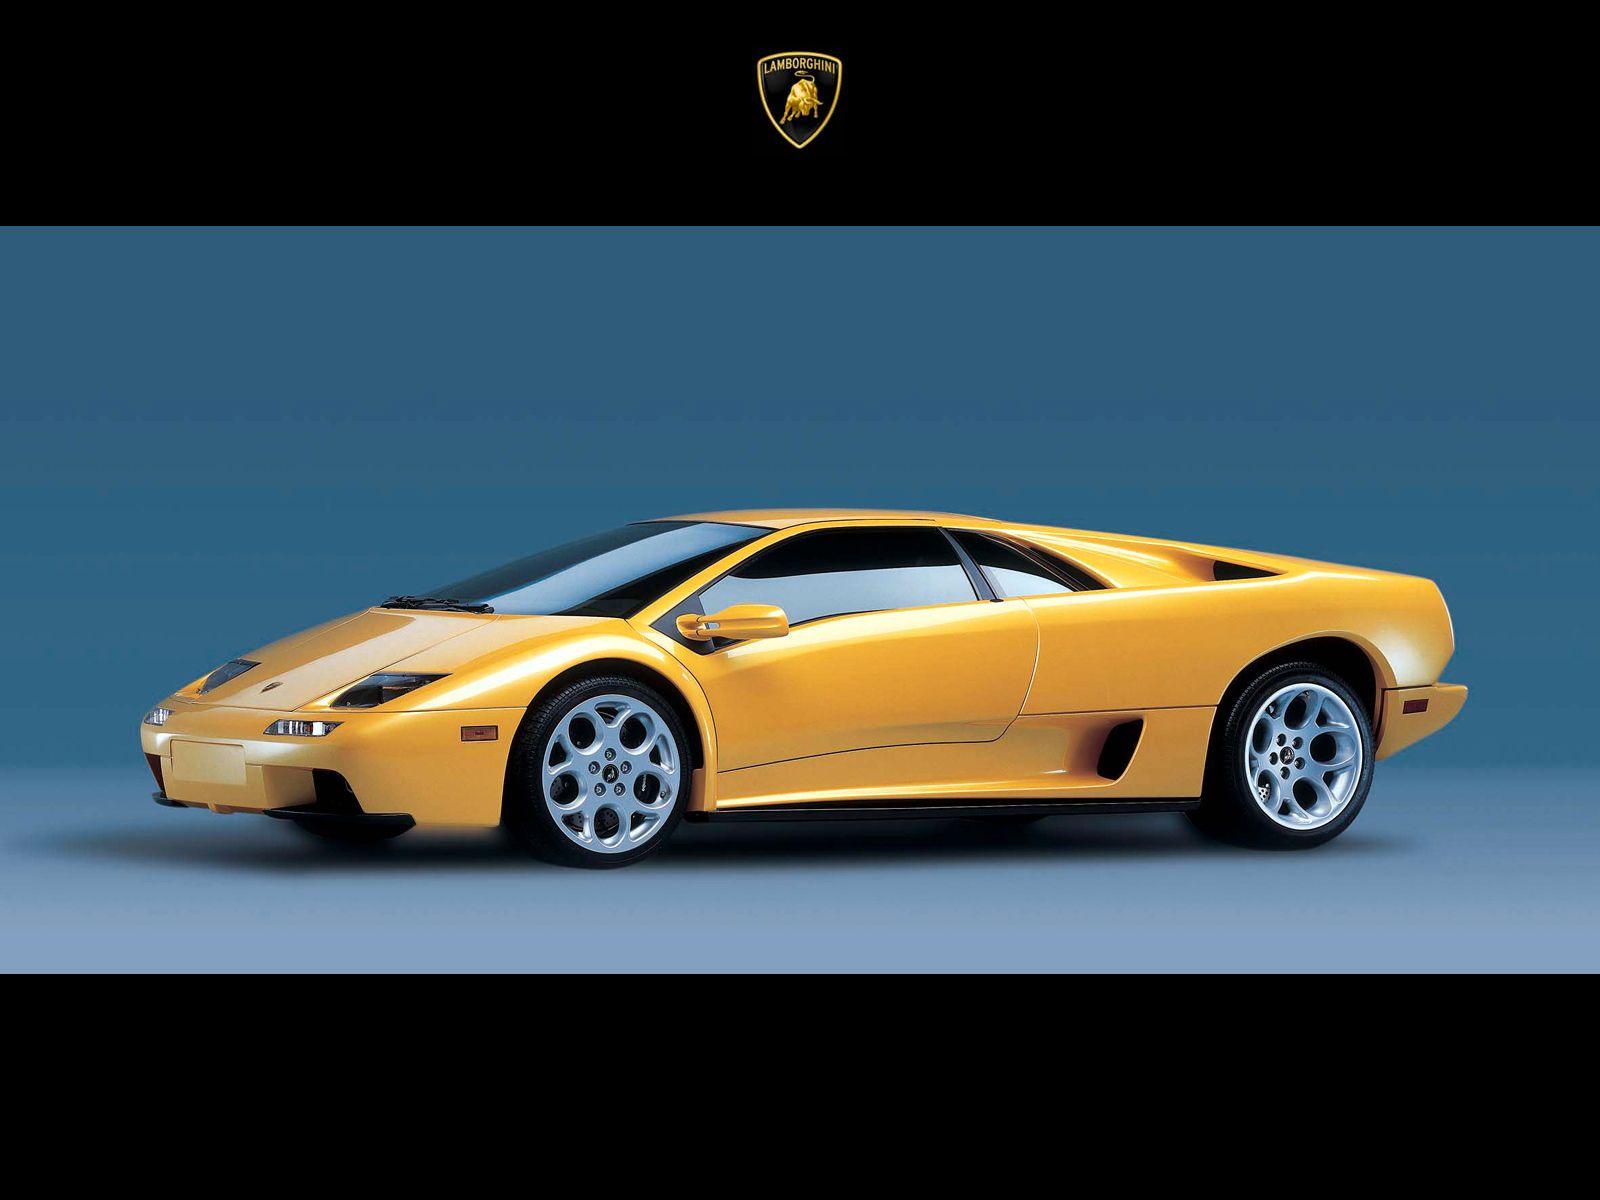 Lamborghini Diablo 005